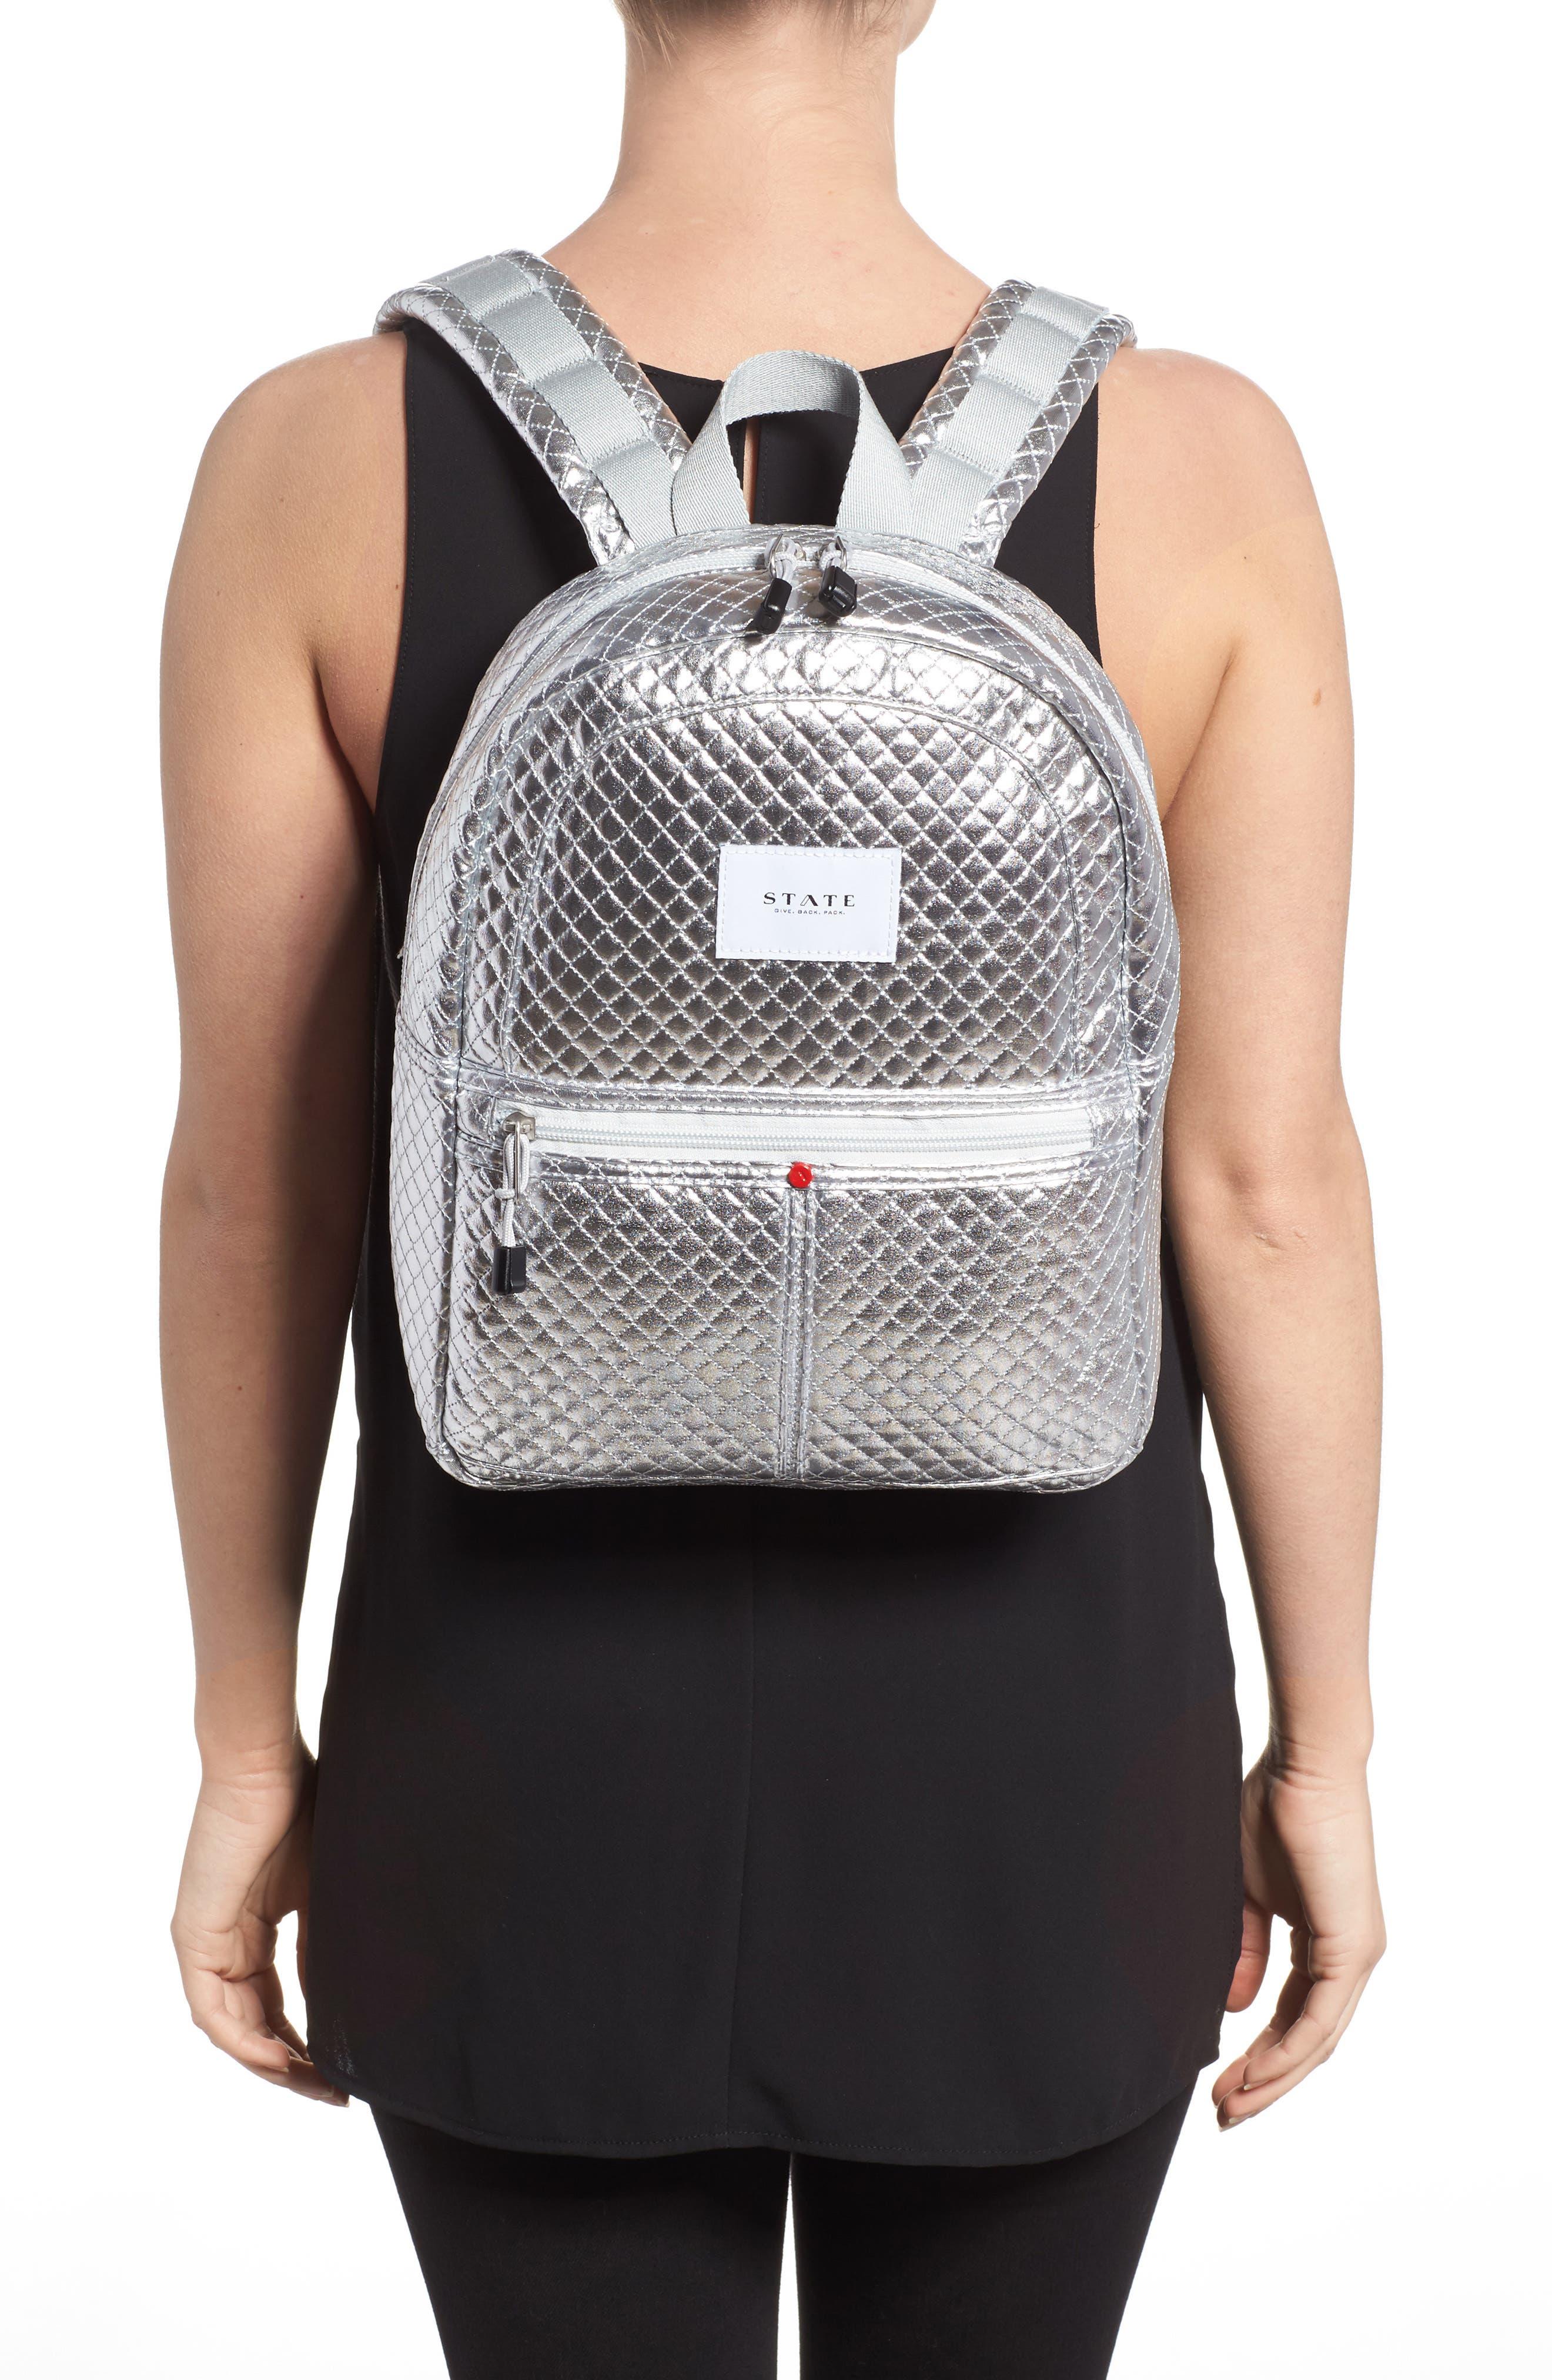 Flatbush Mini Kane Backpack,                             Alternate thumbnail 2, color,                             040